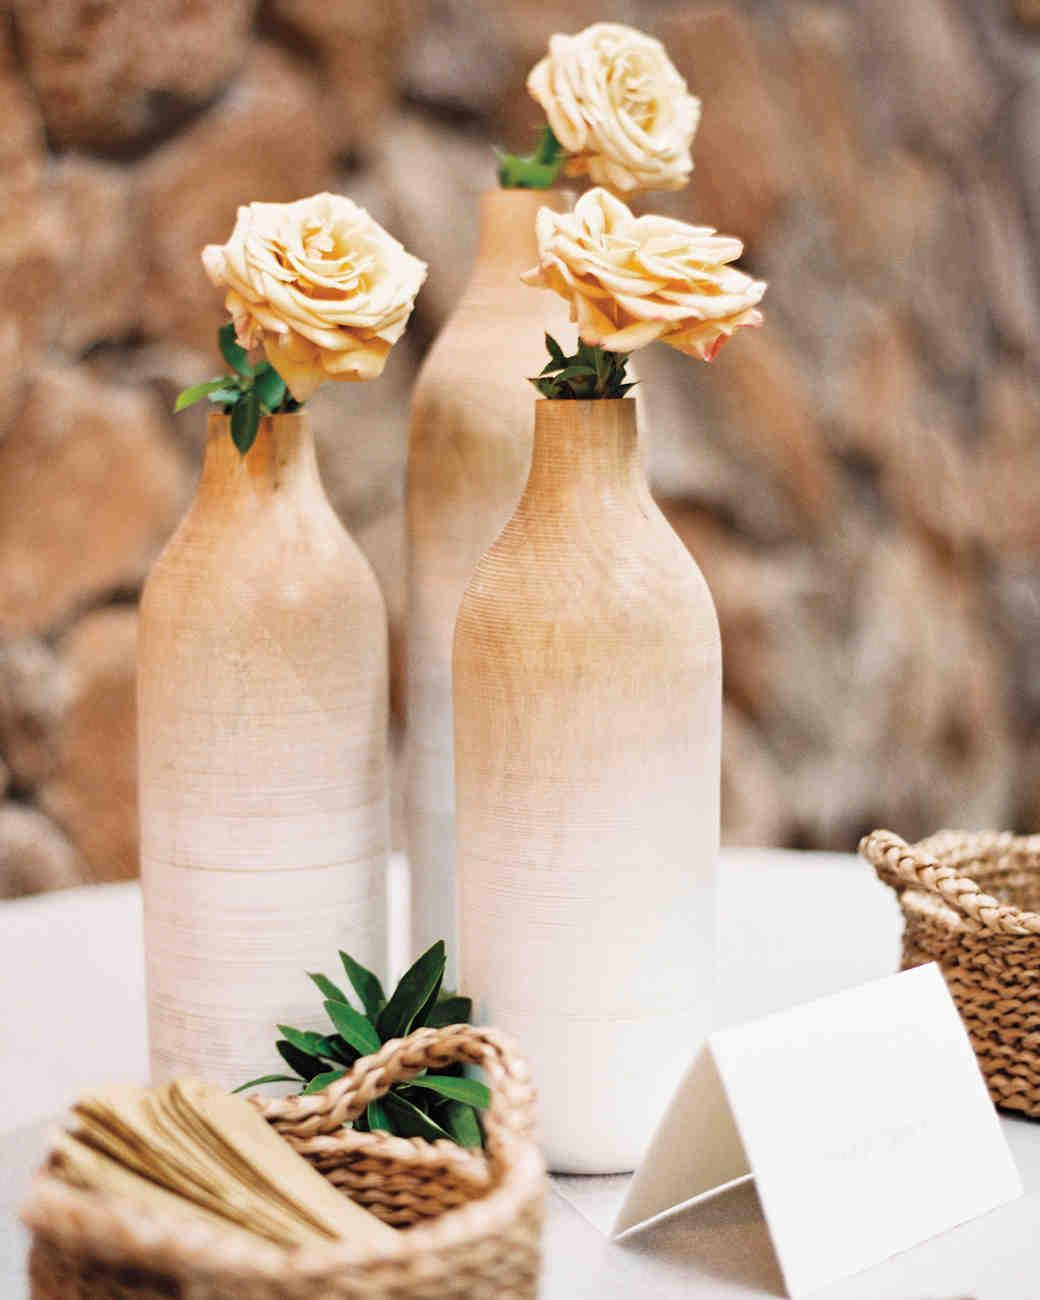 marilyn-harold-vases-008894-010-mwds109987.jpg